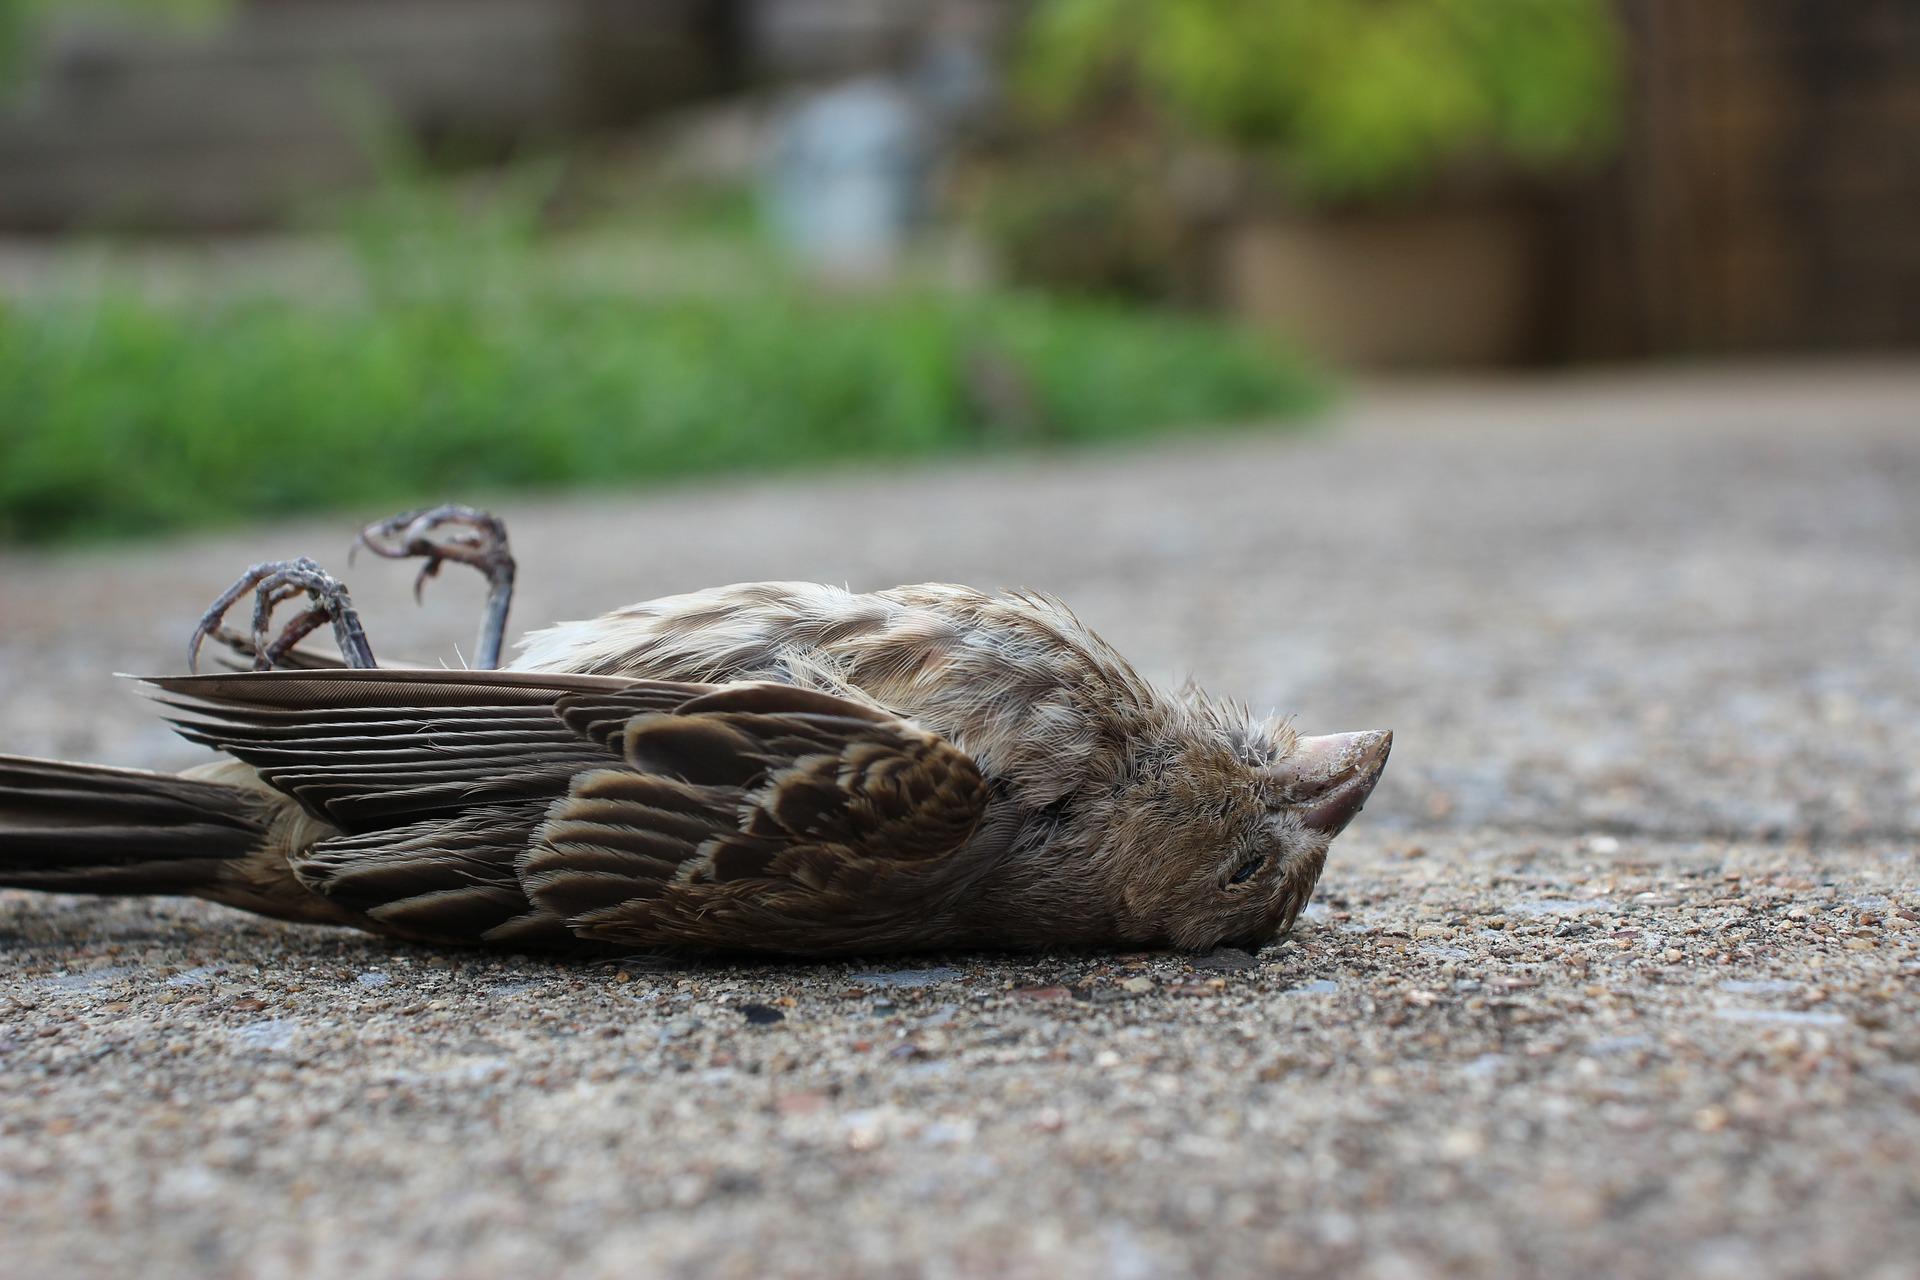 Służby weterynaryjne apelują: Informujcie o przypadkach padnięć dzikich ptaków! - Zdjęcie główne